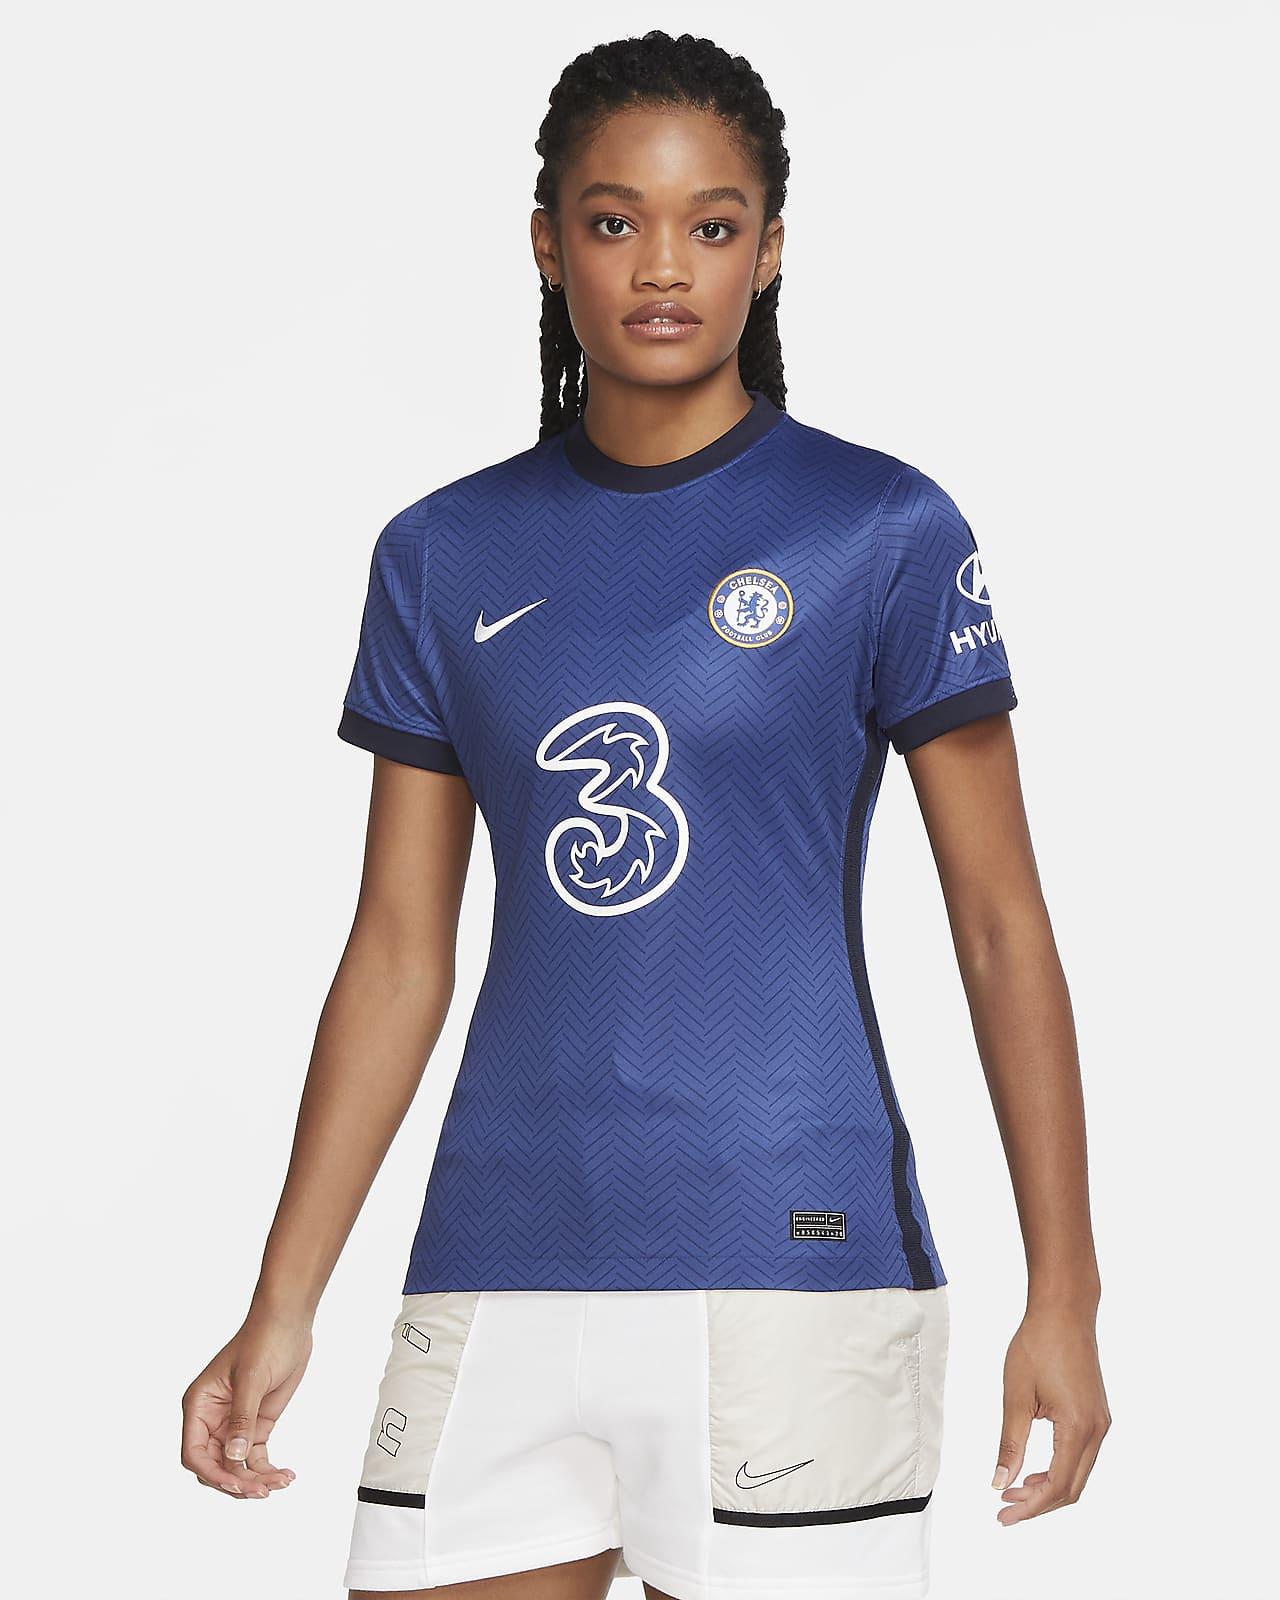 Fotbollströja Chelsea FC 2020/21 Stadium (hemmaställ) för kvinnor